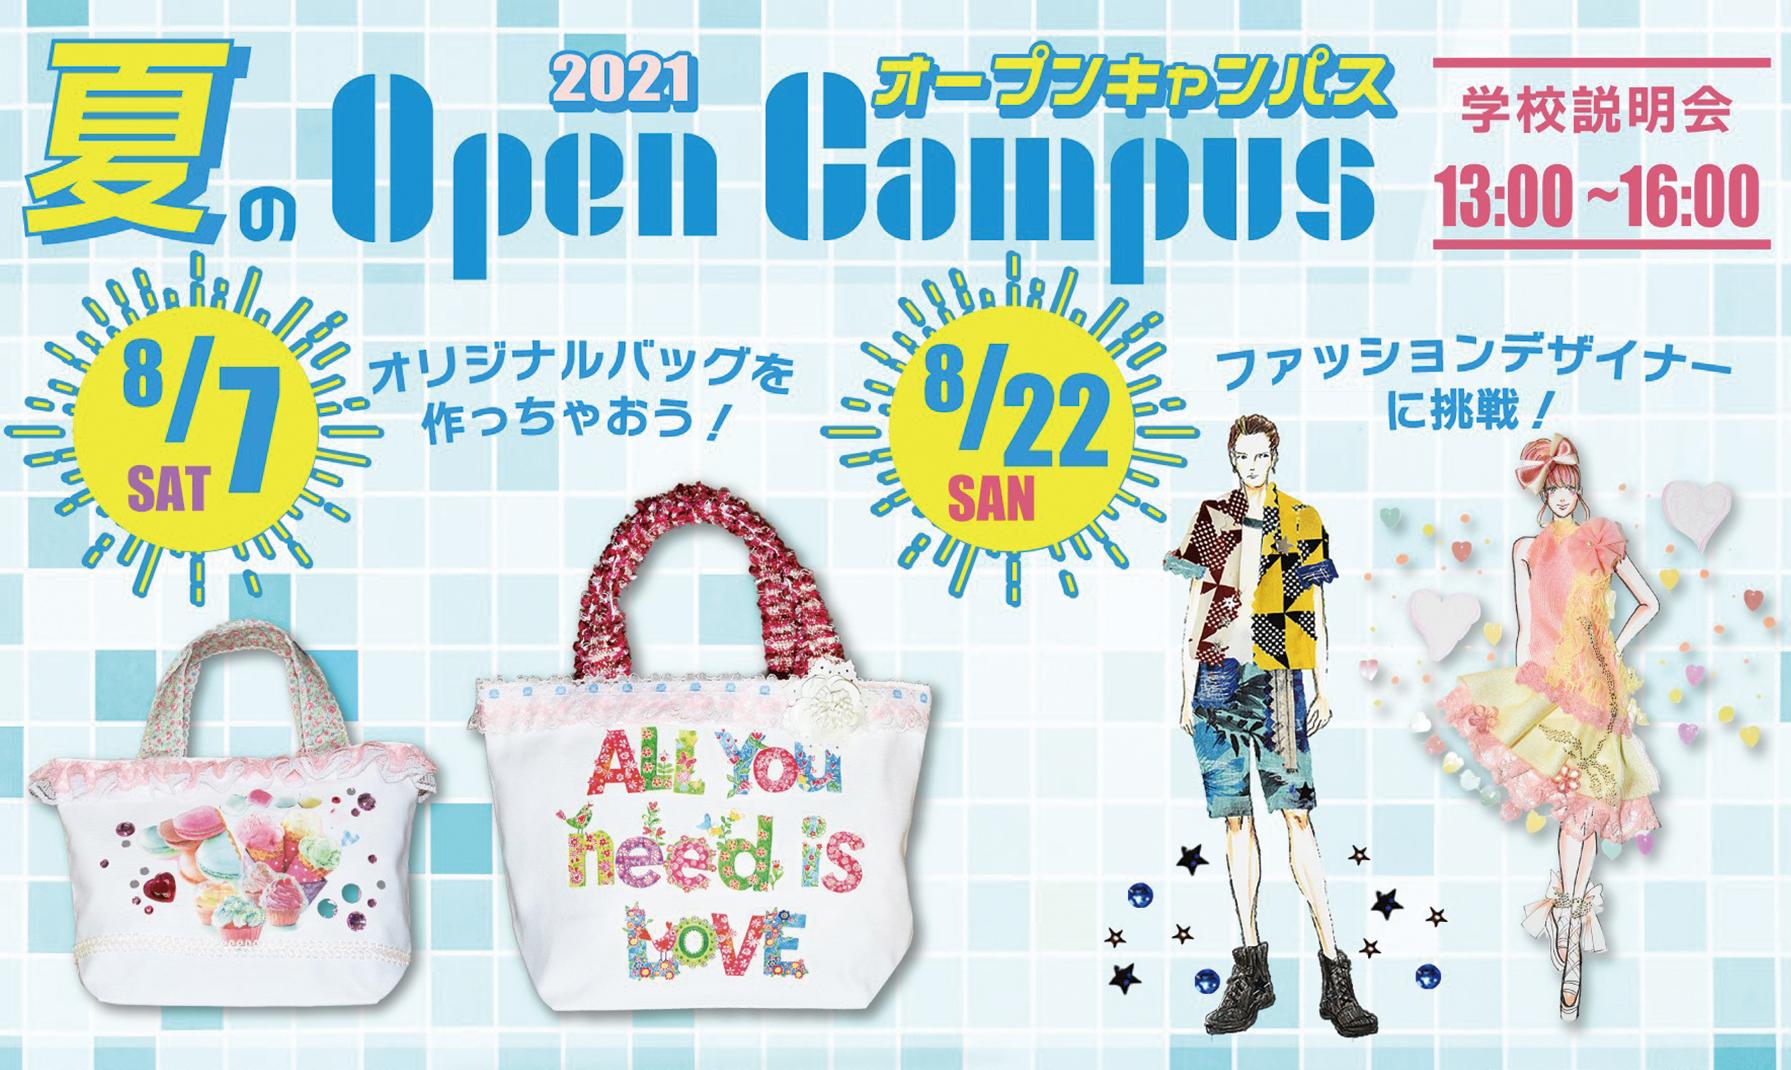 江東服飾高等専修学校 - オープンキャンパス 2021年8月